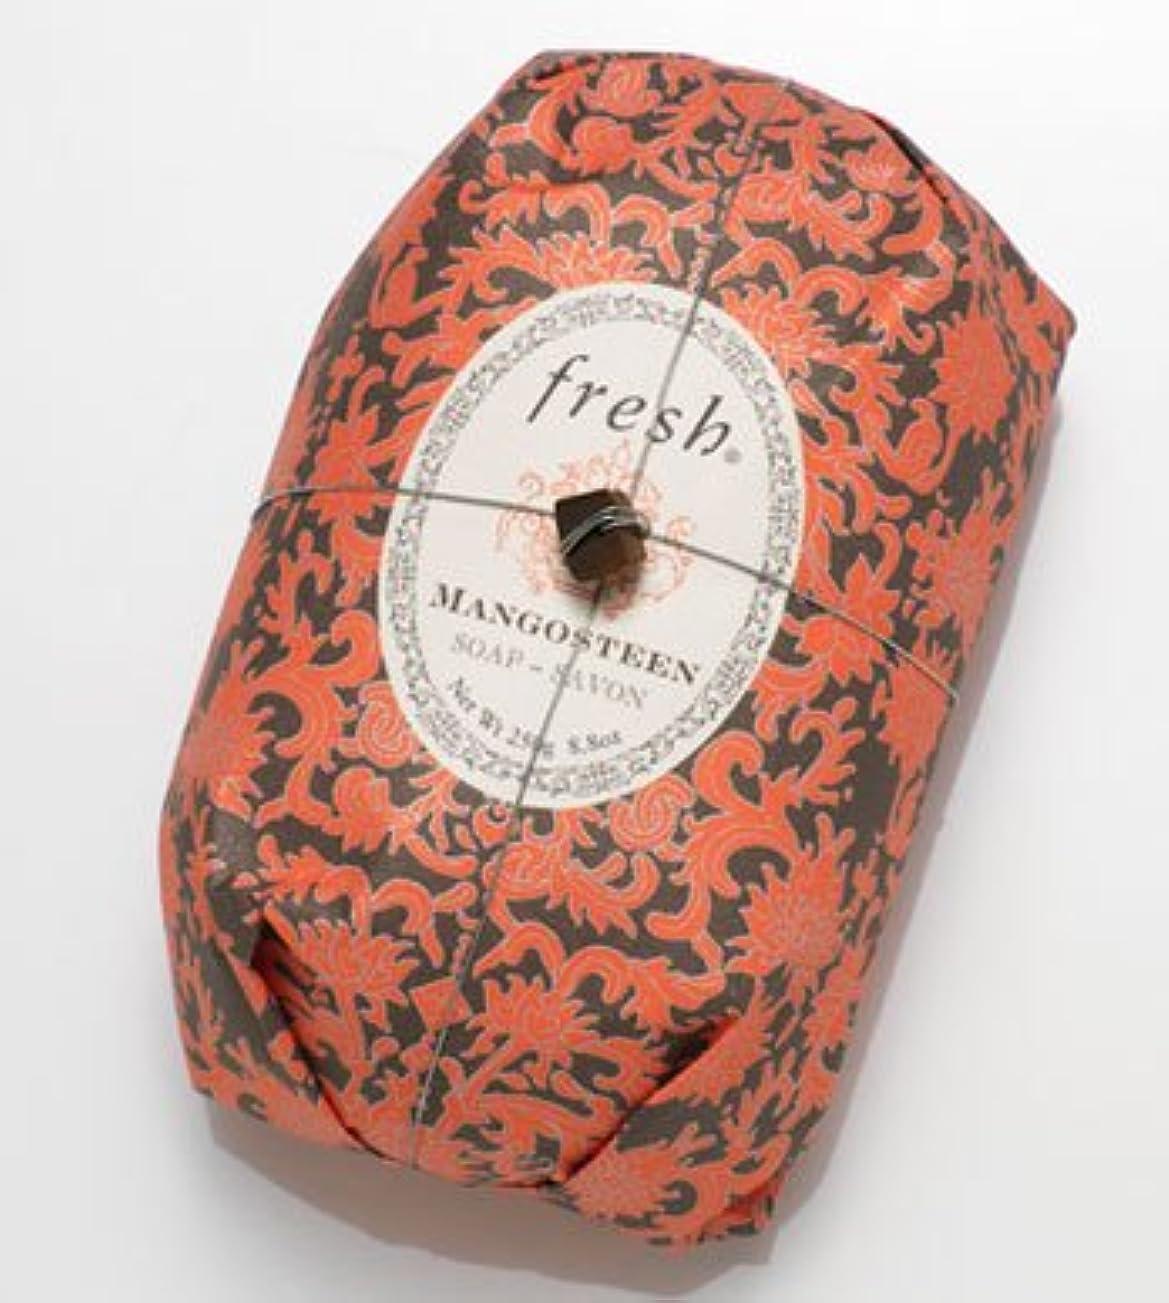 降下造船エアコンFresh MANGOSTEEN SOAP (フレッシュ マンゴスチーン ソープ) 8.8 oz (250g) Soap (石鹸) by Fresh